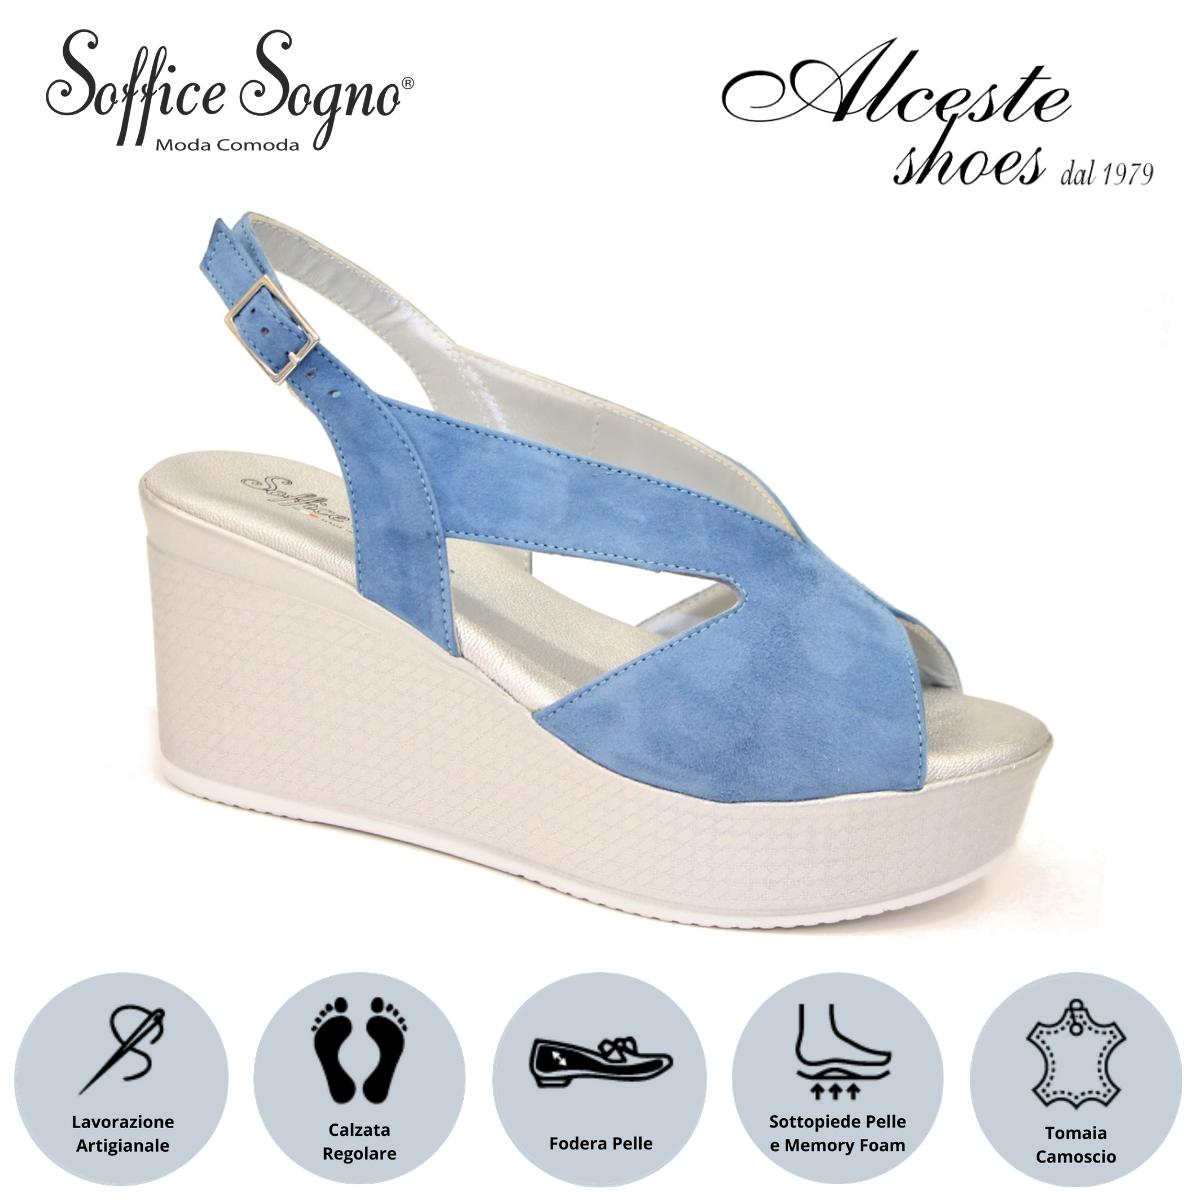 """Sandalo con Zeppa """"Soffice Sogno"""" Art. 1023 Camoscio Azzurro Alceste Shoes 10 2"""